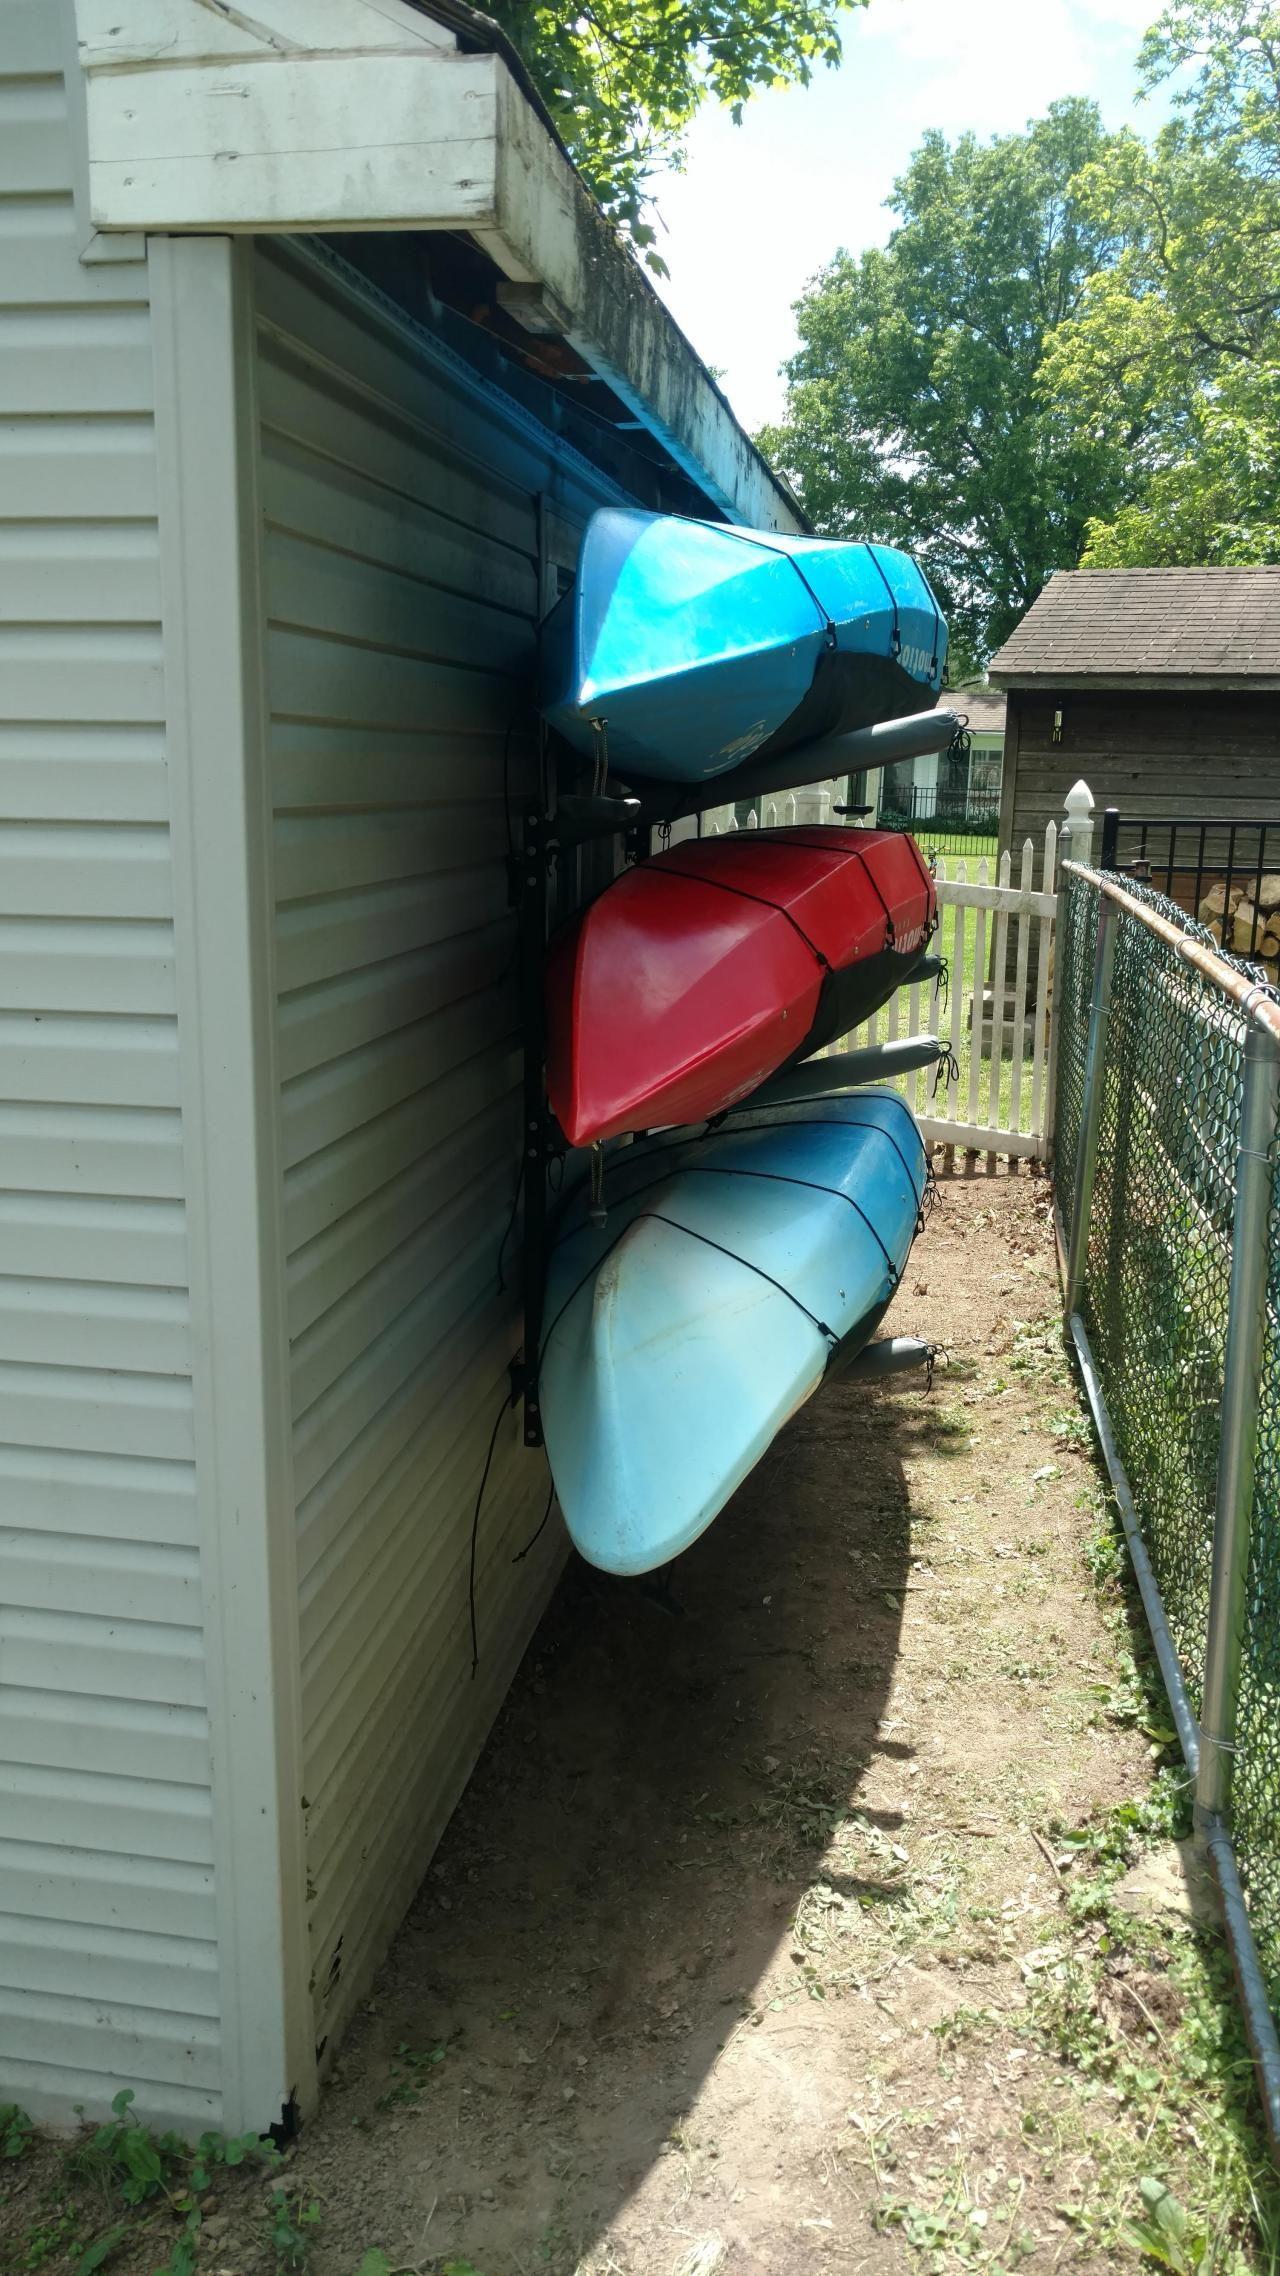 Outdoor Kayak Storage Rack Wall Mount Holds 4 Kayaks Adjustable Organizer In 2020 Kayak Storage Kayak Storage Rack Diy Kayak Storage